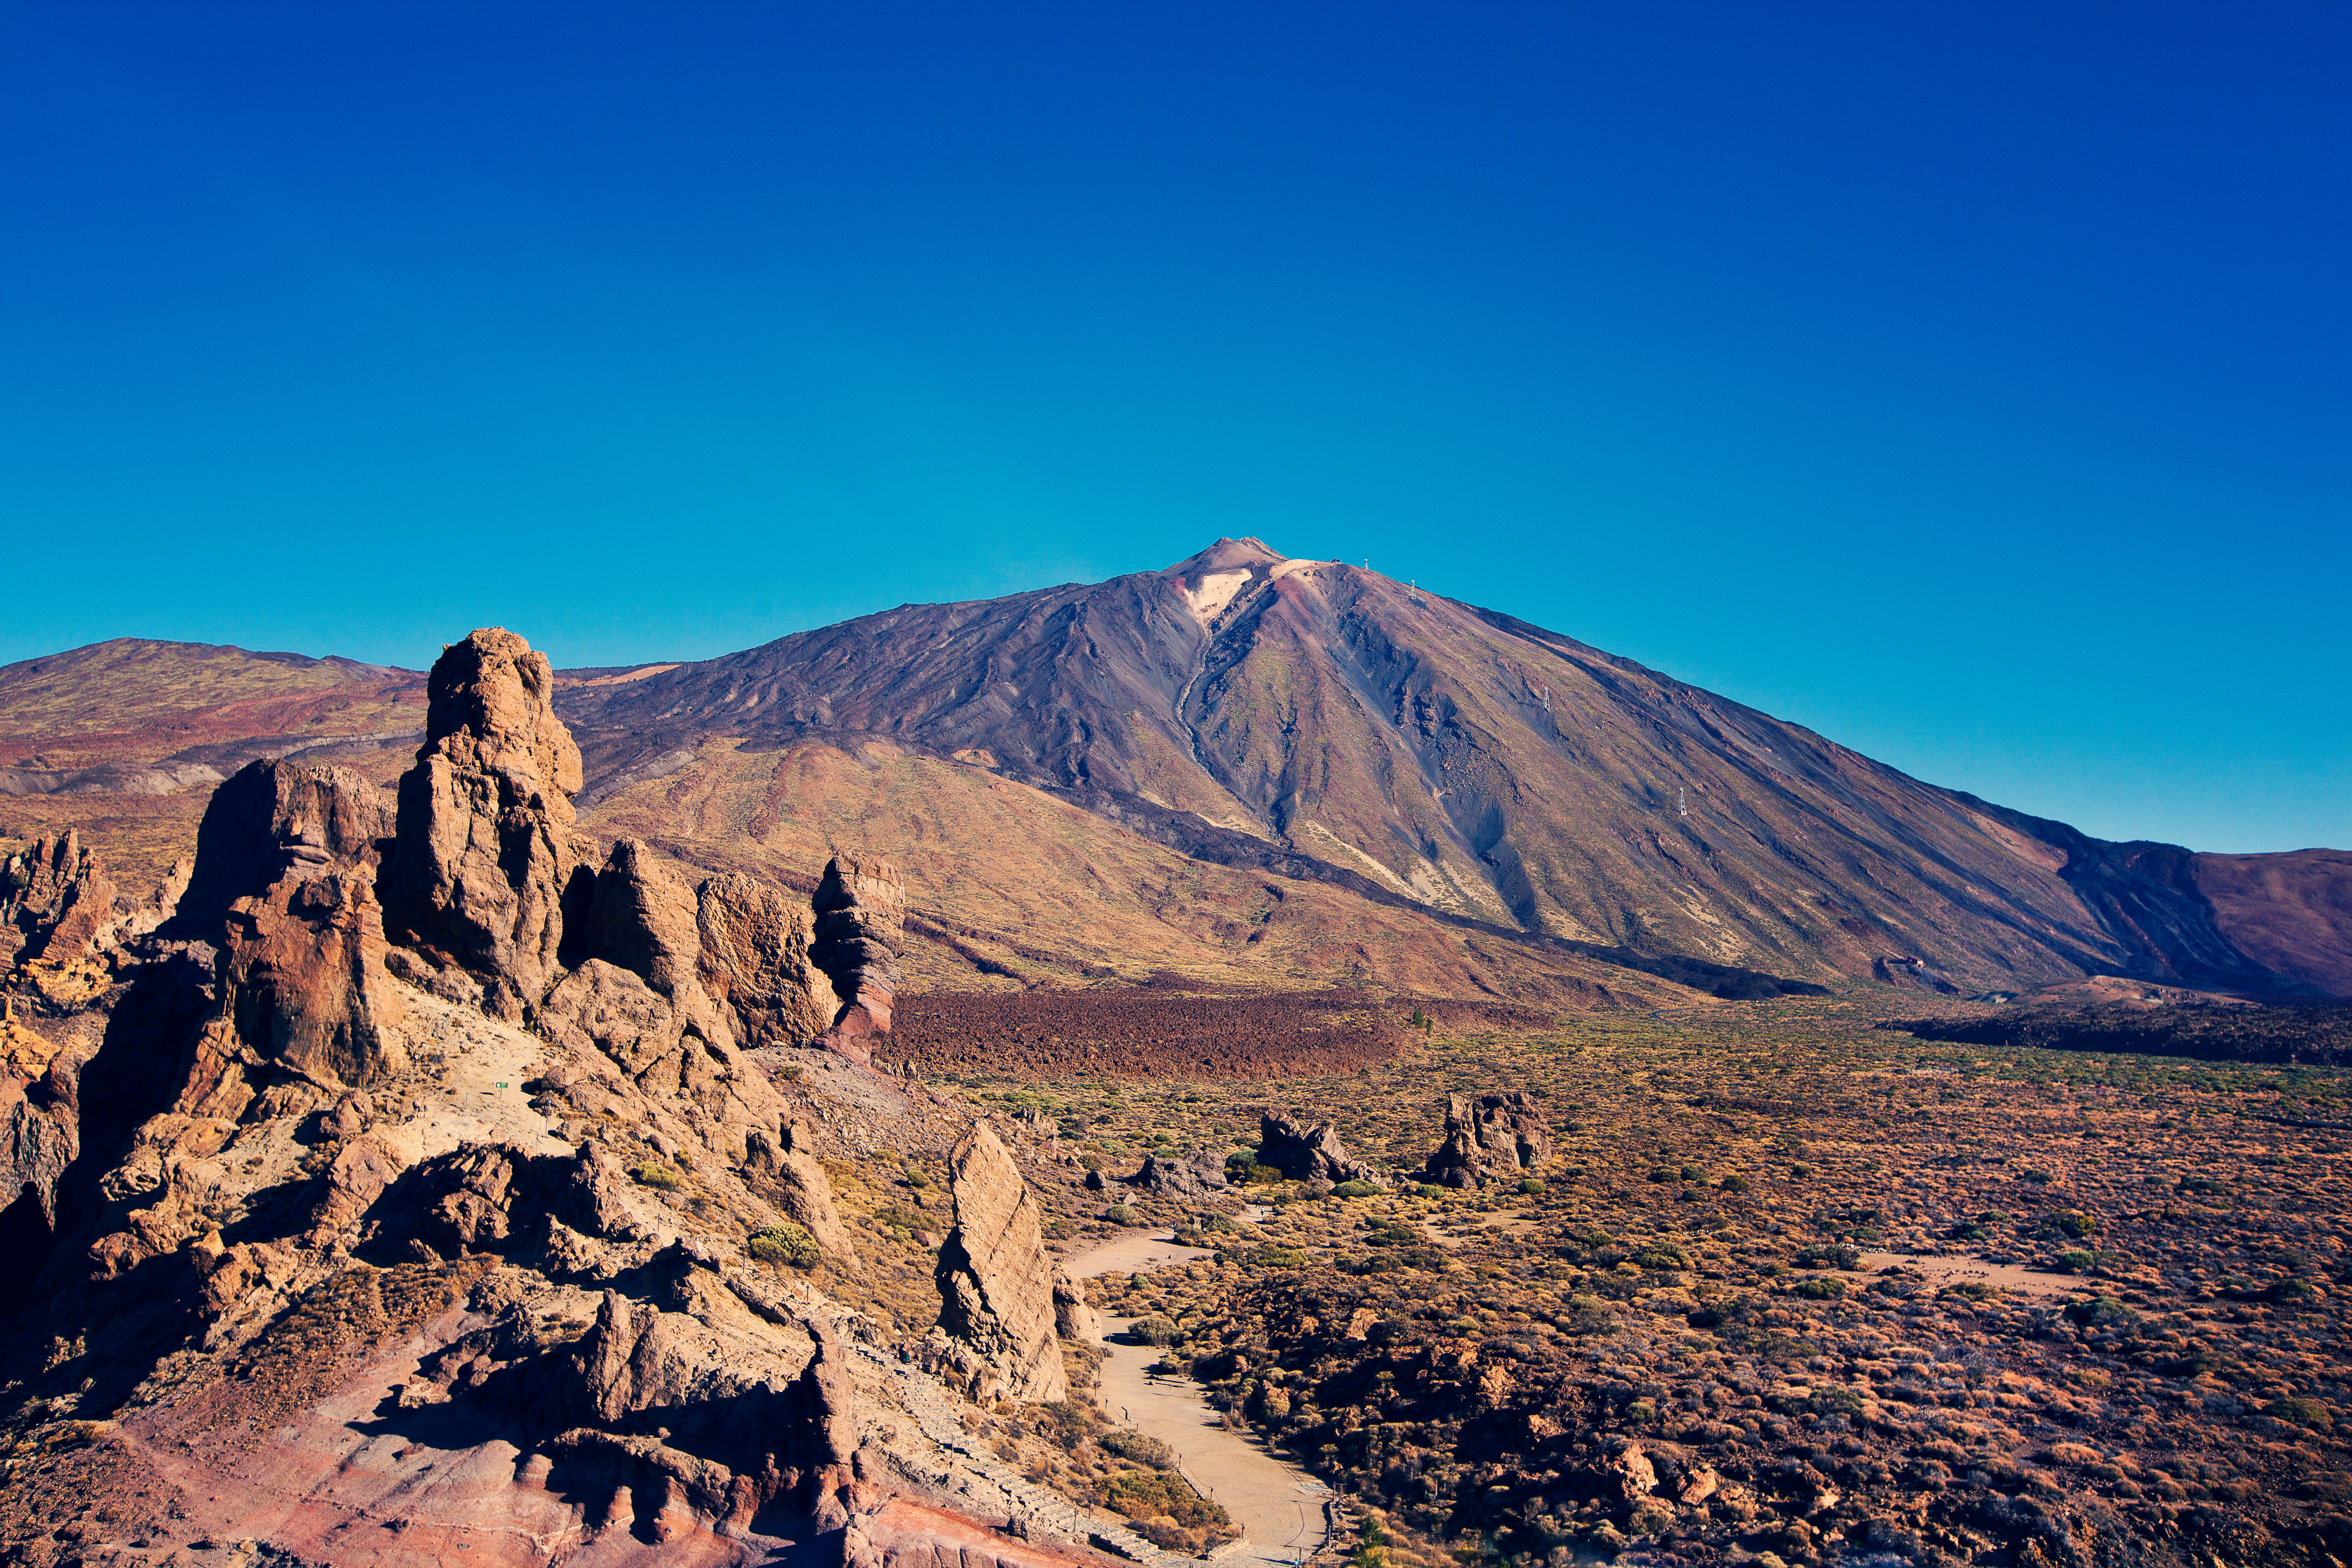 Der Vulkan El Teide zum Greifen nah © Turismo de Tenerife